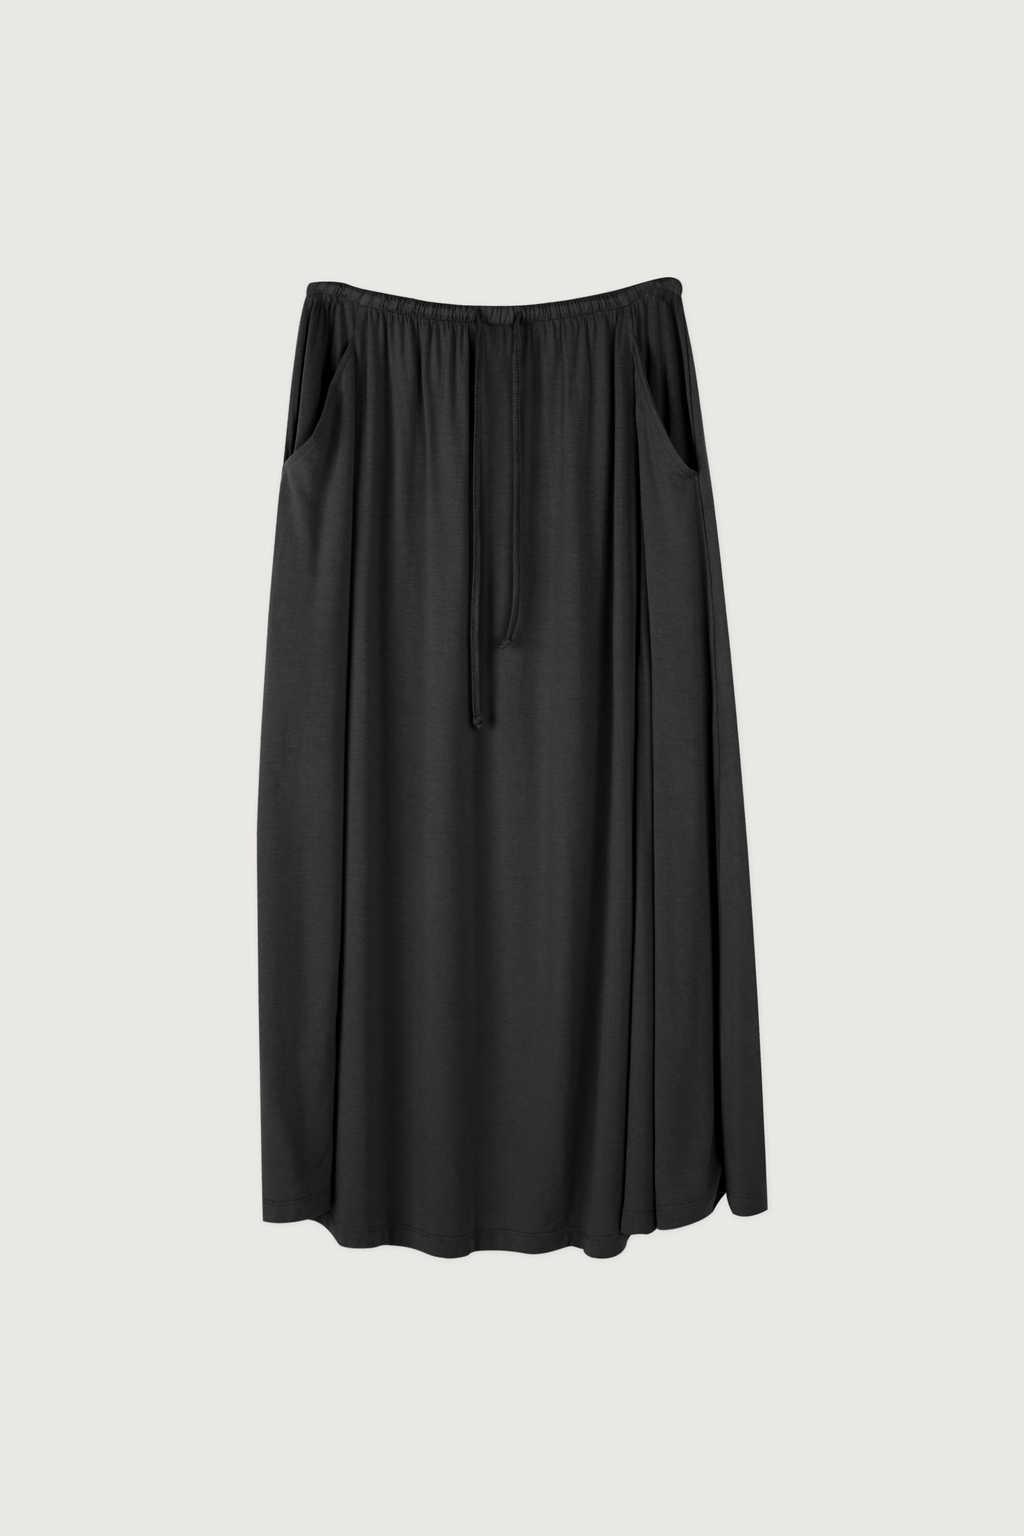 Skirt 3218 Black 7